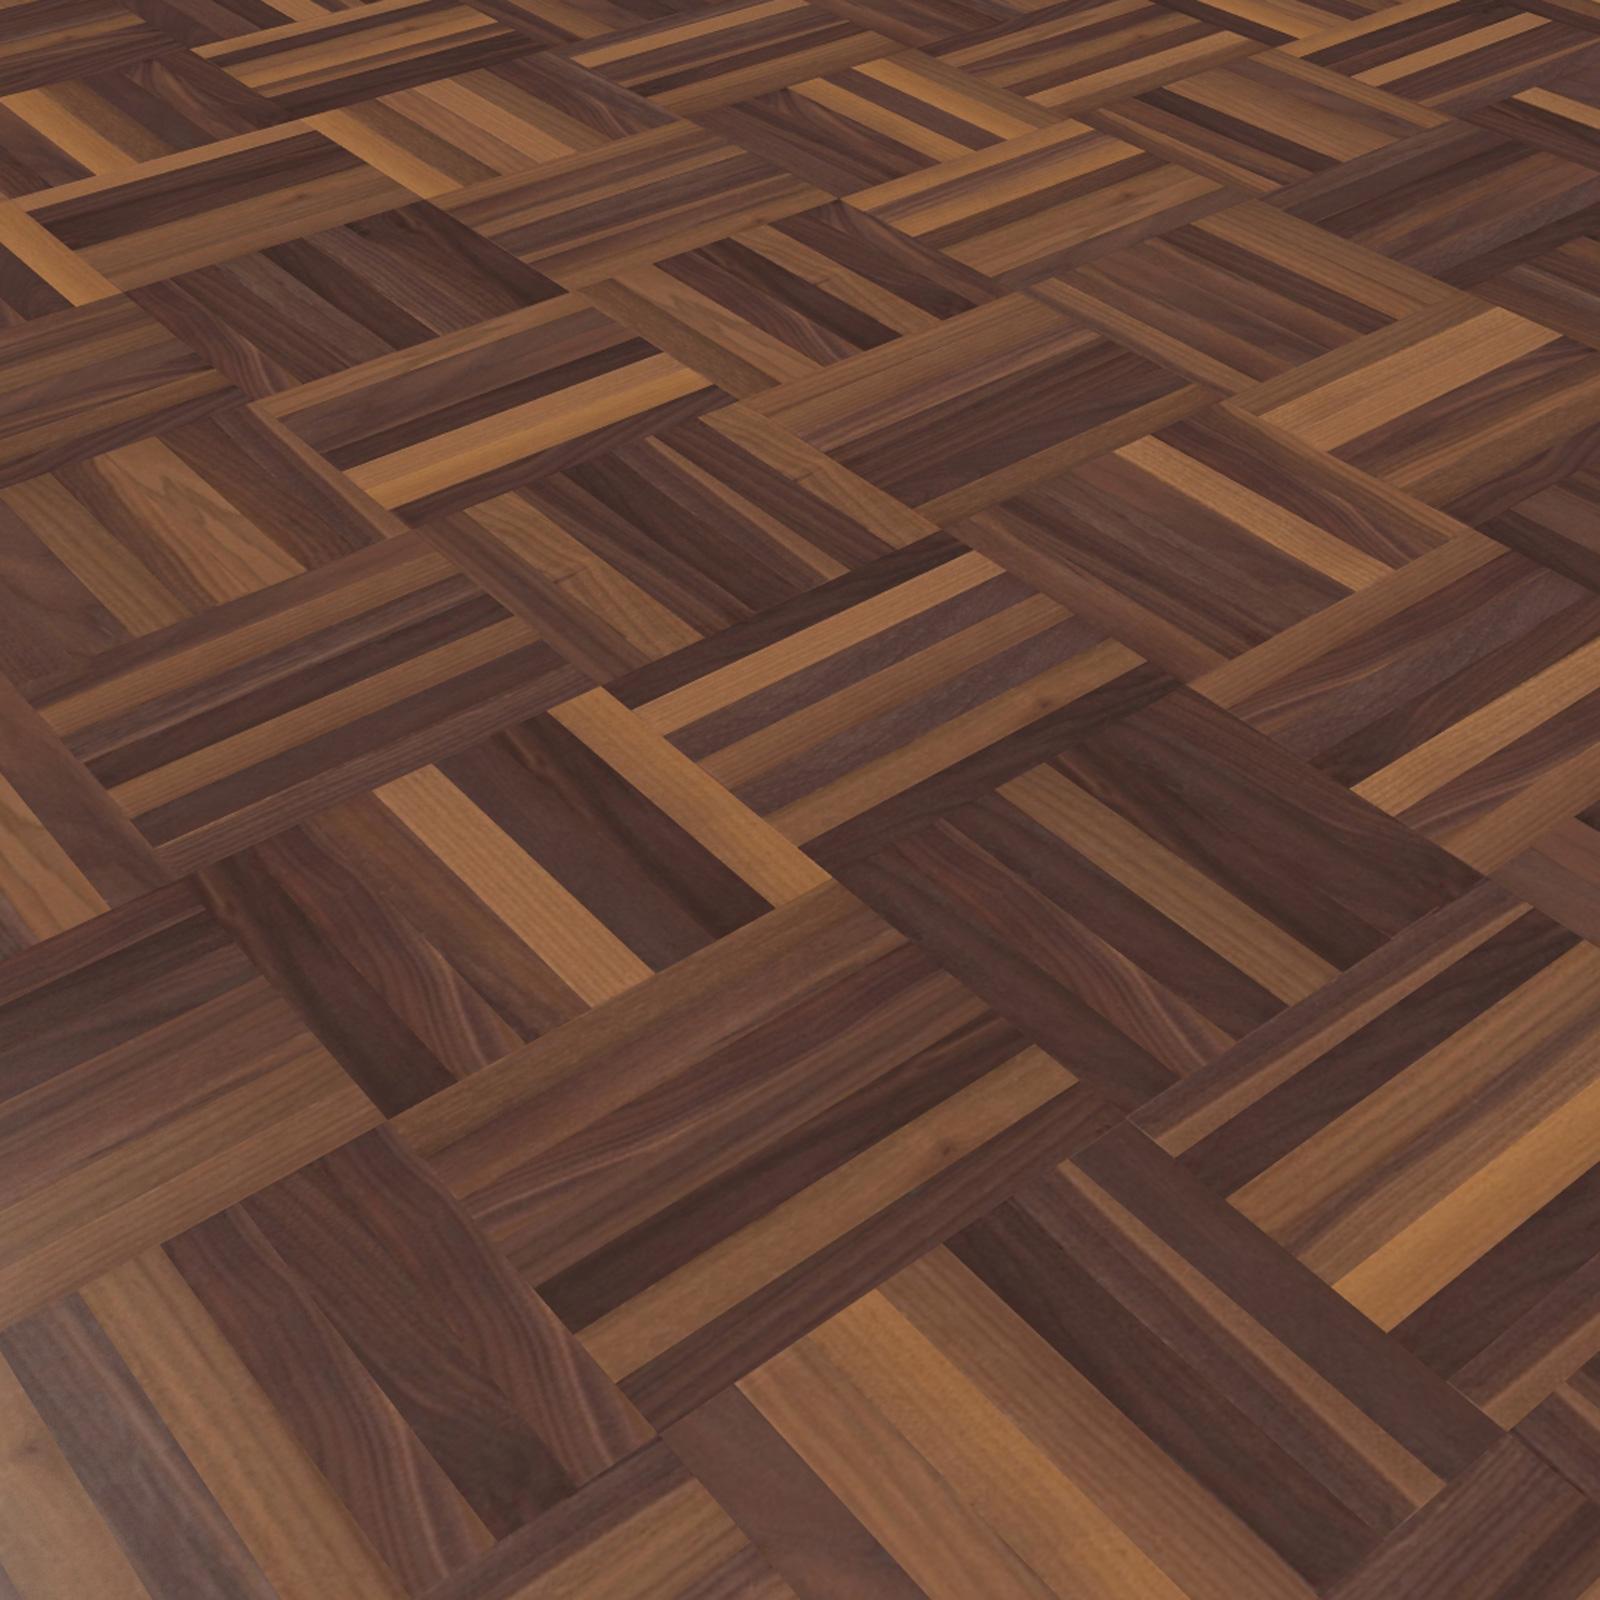 nussbaum w rfelparkett online kaufen parkett direkt. Black Bedroom Furniture Sets. Home Design Ideas